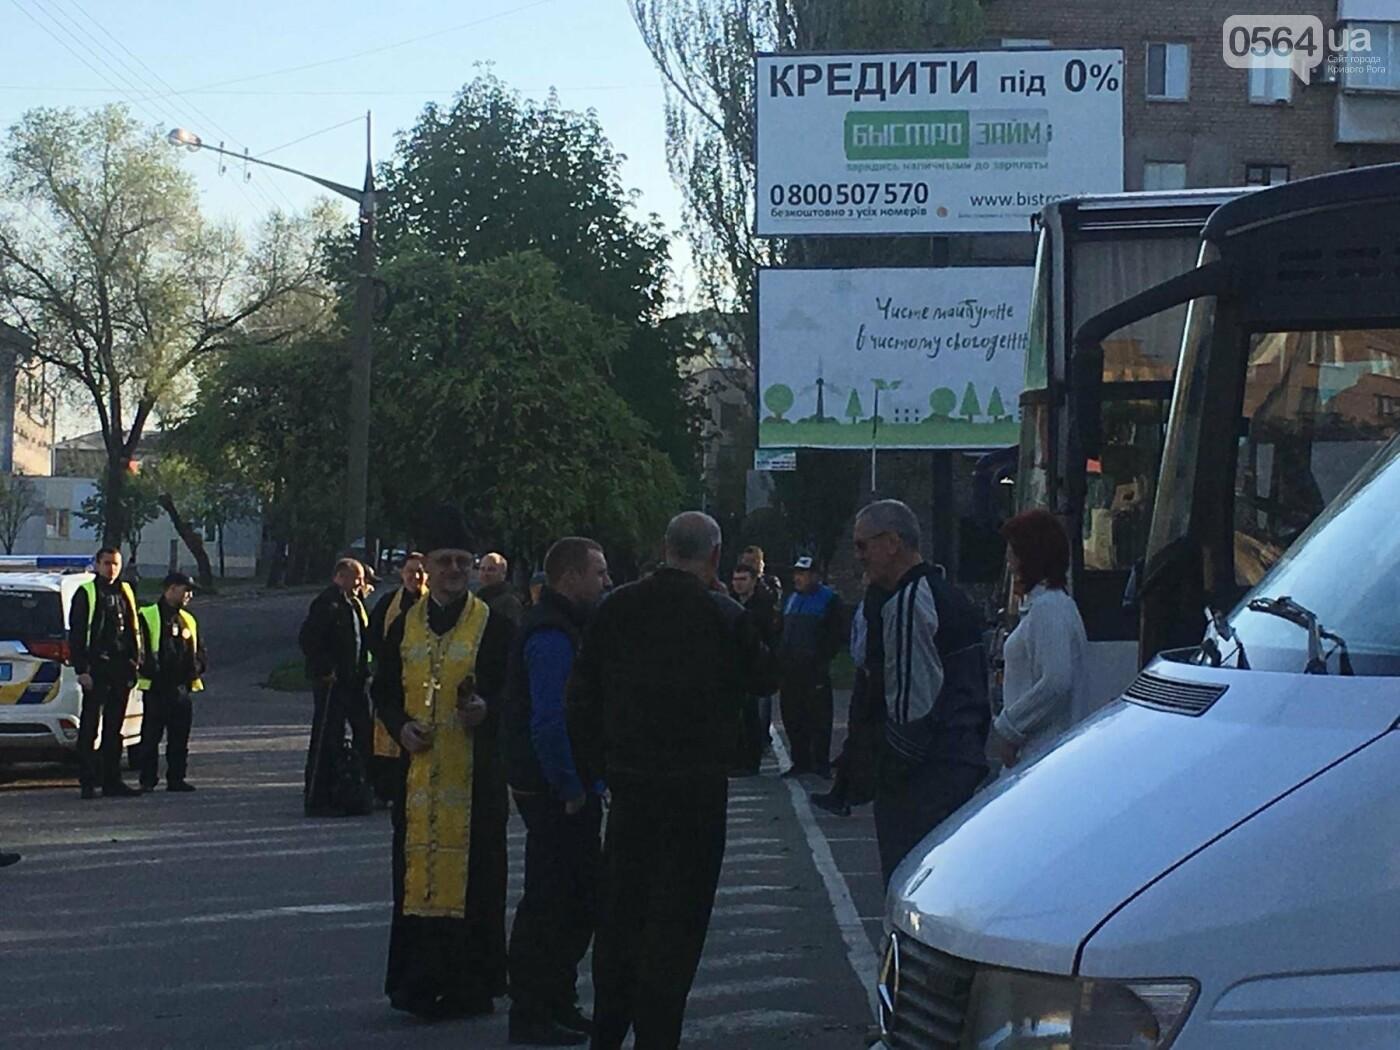 Сотни криворожан сегодня утром выехали на Хортицу, где высадят дубы и установят Крестомеч (ФОТО, ВИДЕО), фото-4